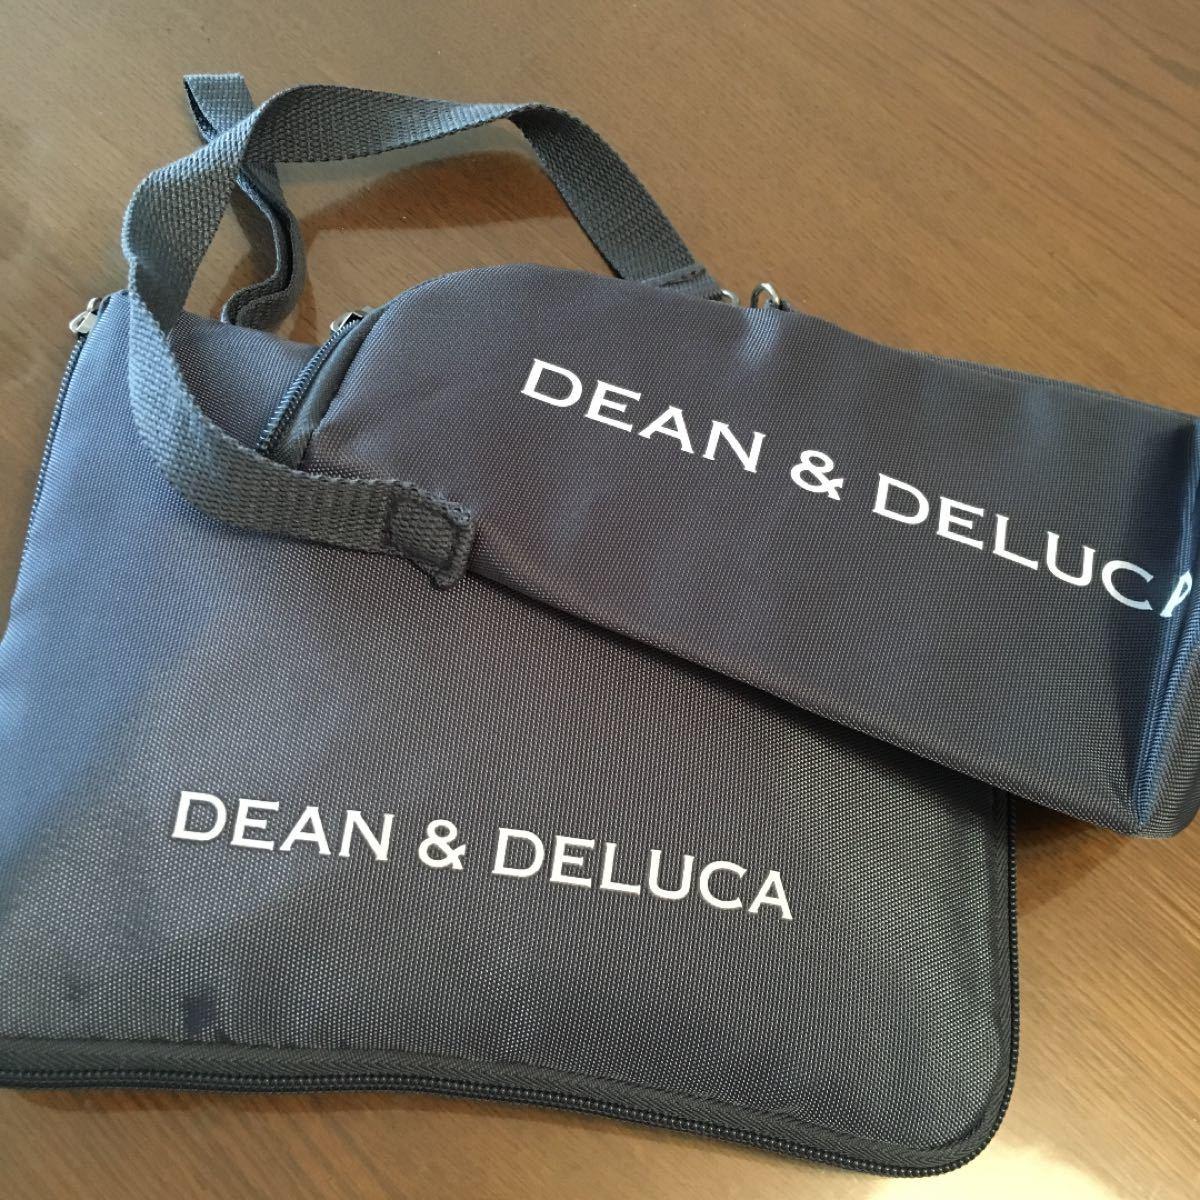 DEAN&DELUCA エコバック トートバッグ レジカゴ  ボトル 新品未使用 2点 グレー